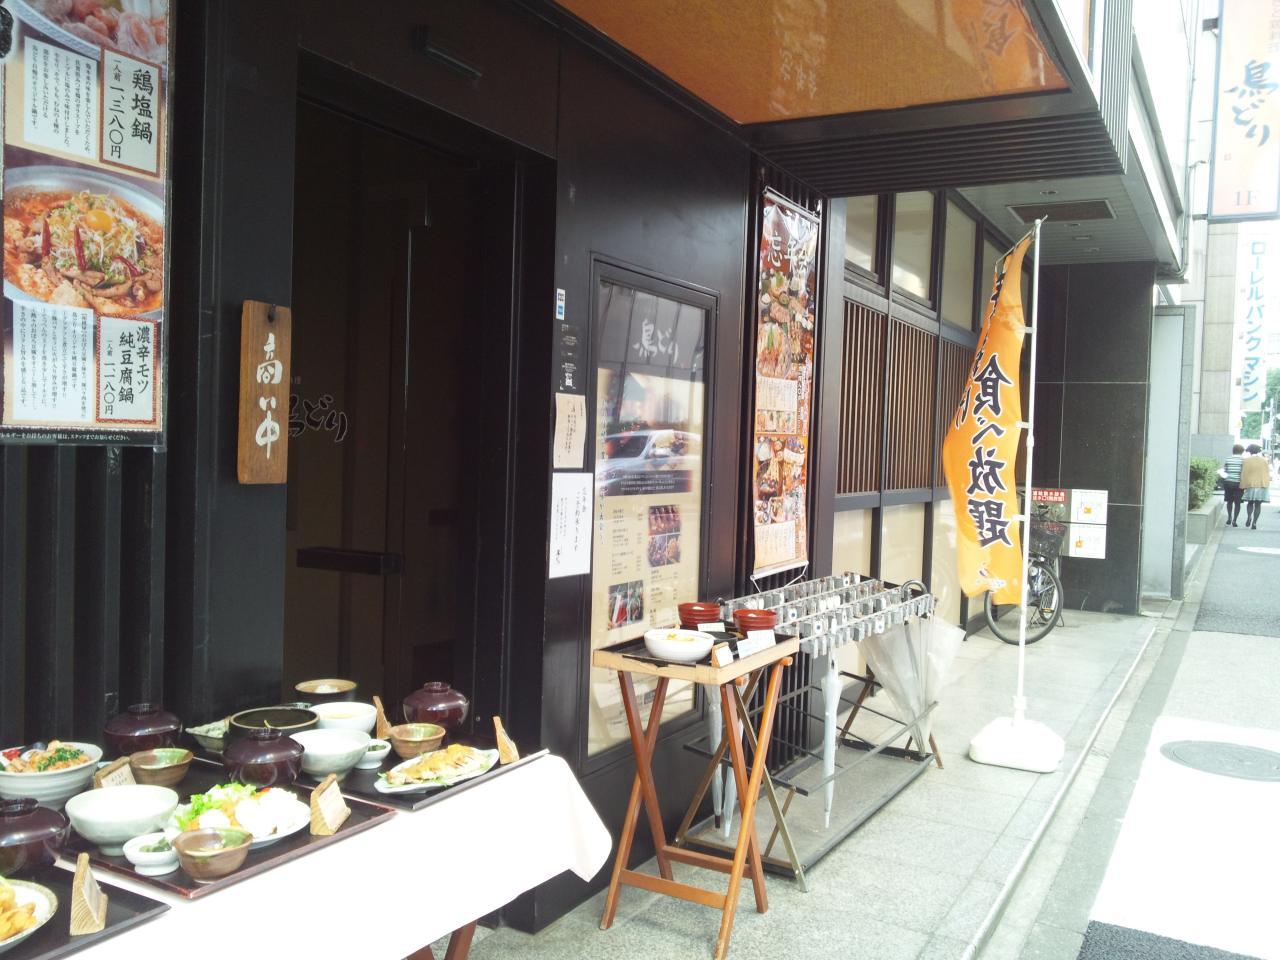 鳥どり虎ノ門店(店舗外観)